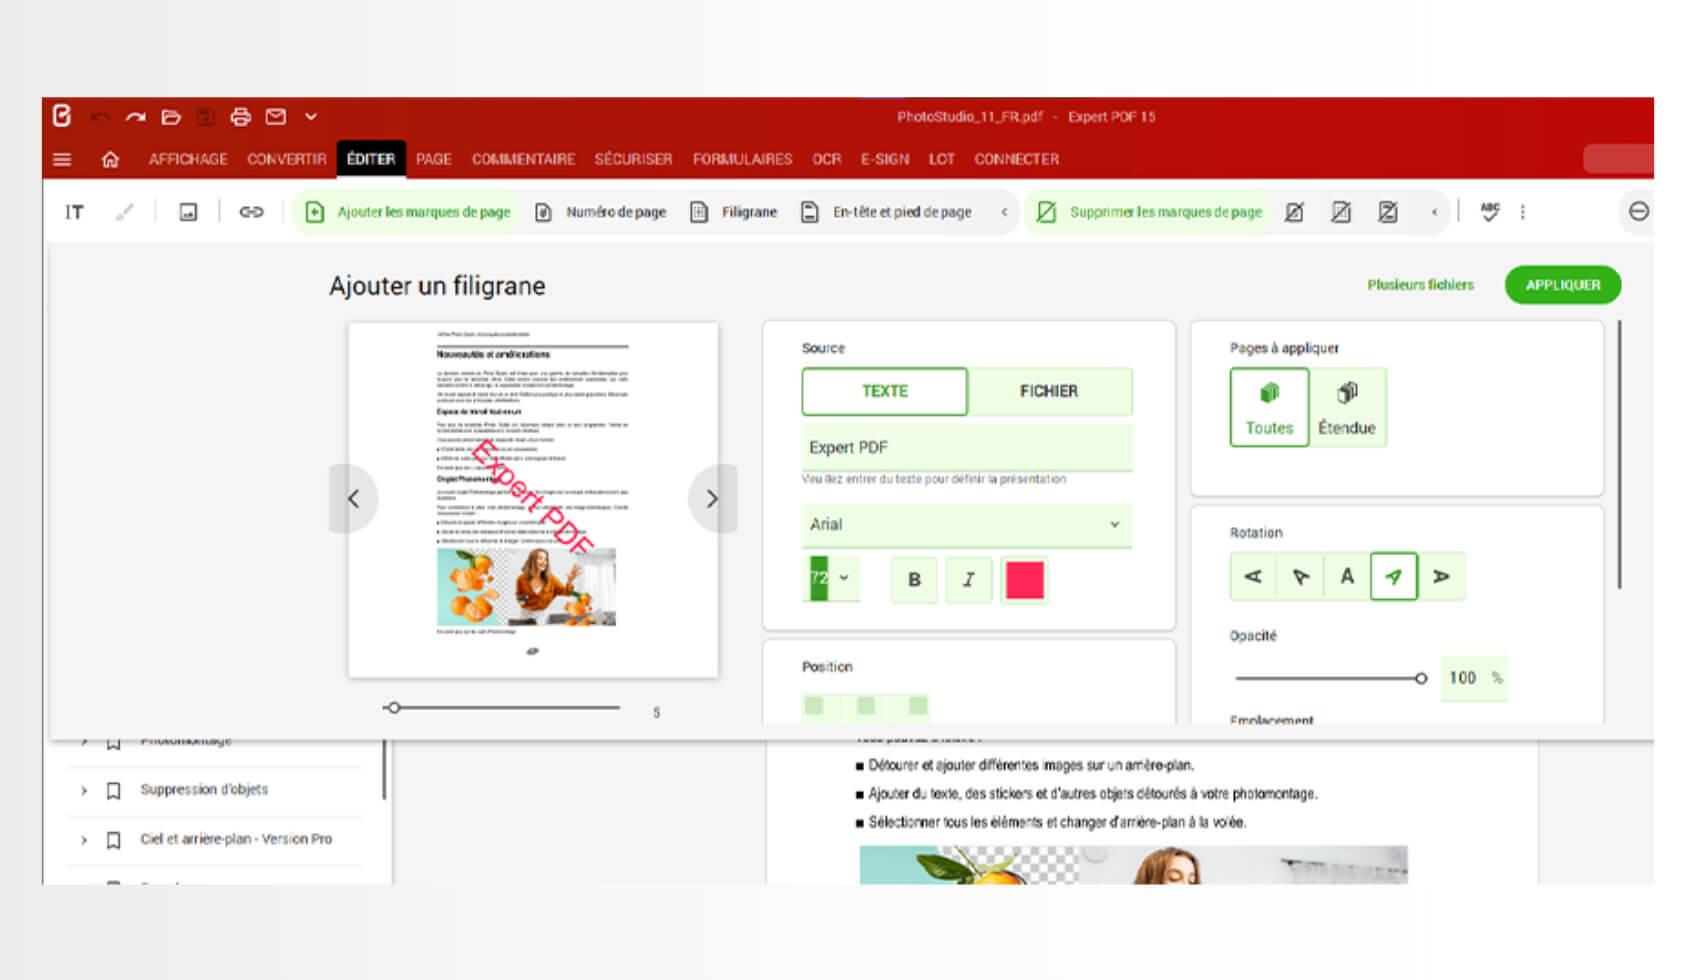 Ajoutez, supprimez et éditez des filigranes personnalisés sous ou sur le contenu existant de vos documents en tant qu'élément fixe.Grâce aux filigranes, les personnes non autorisées ne peuvent pas utiliser et partager vos fichiers PDF.Depuis le module Editer, cliquez sur Filigrane pour ajouter un filigrane simple ou personnalisé.Utilisez des filigranes pour des pages sensibles et créez un FILIGRANE « CONFIDENTIEL »